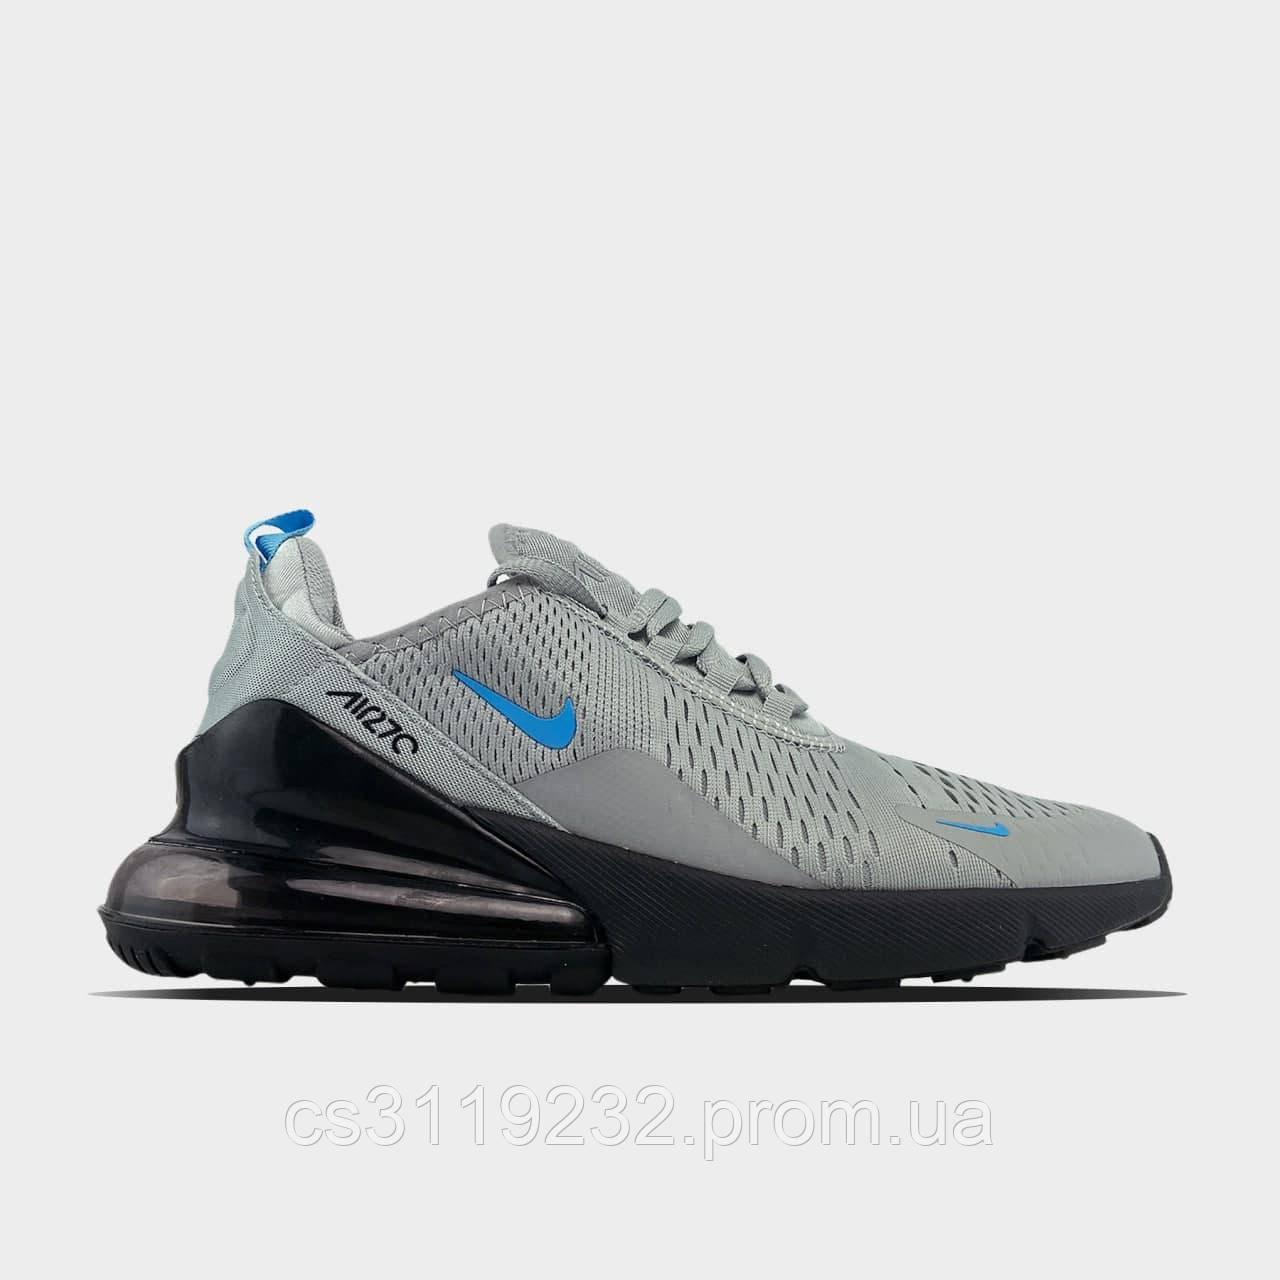 Чоловічі кросівки Nike Air Max 270 Cool Grey Blue Fury (сірі)